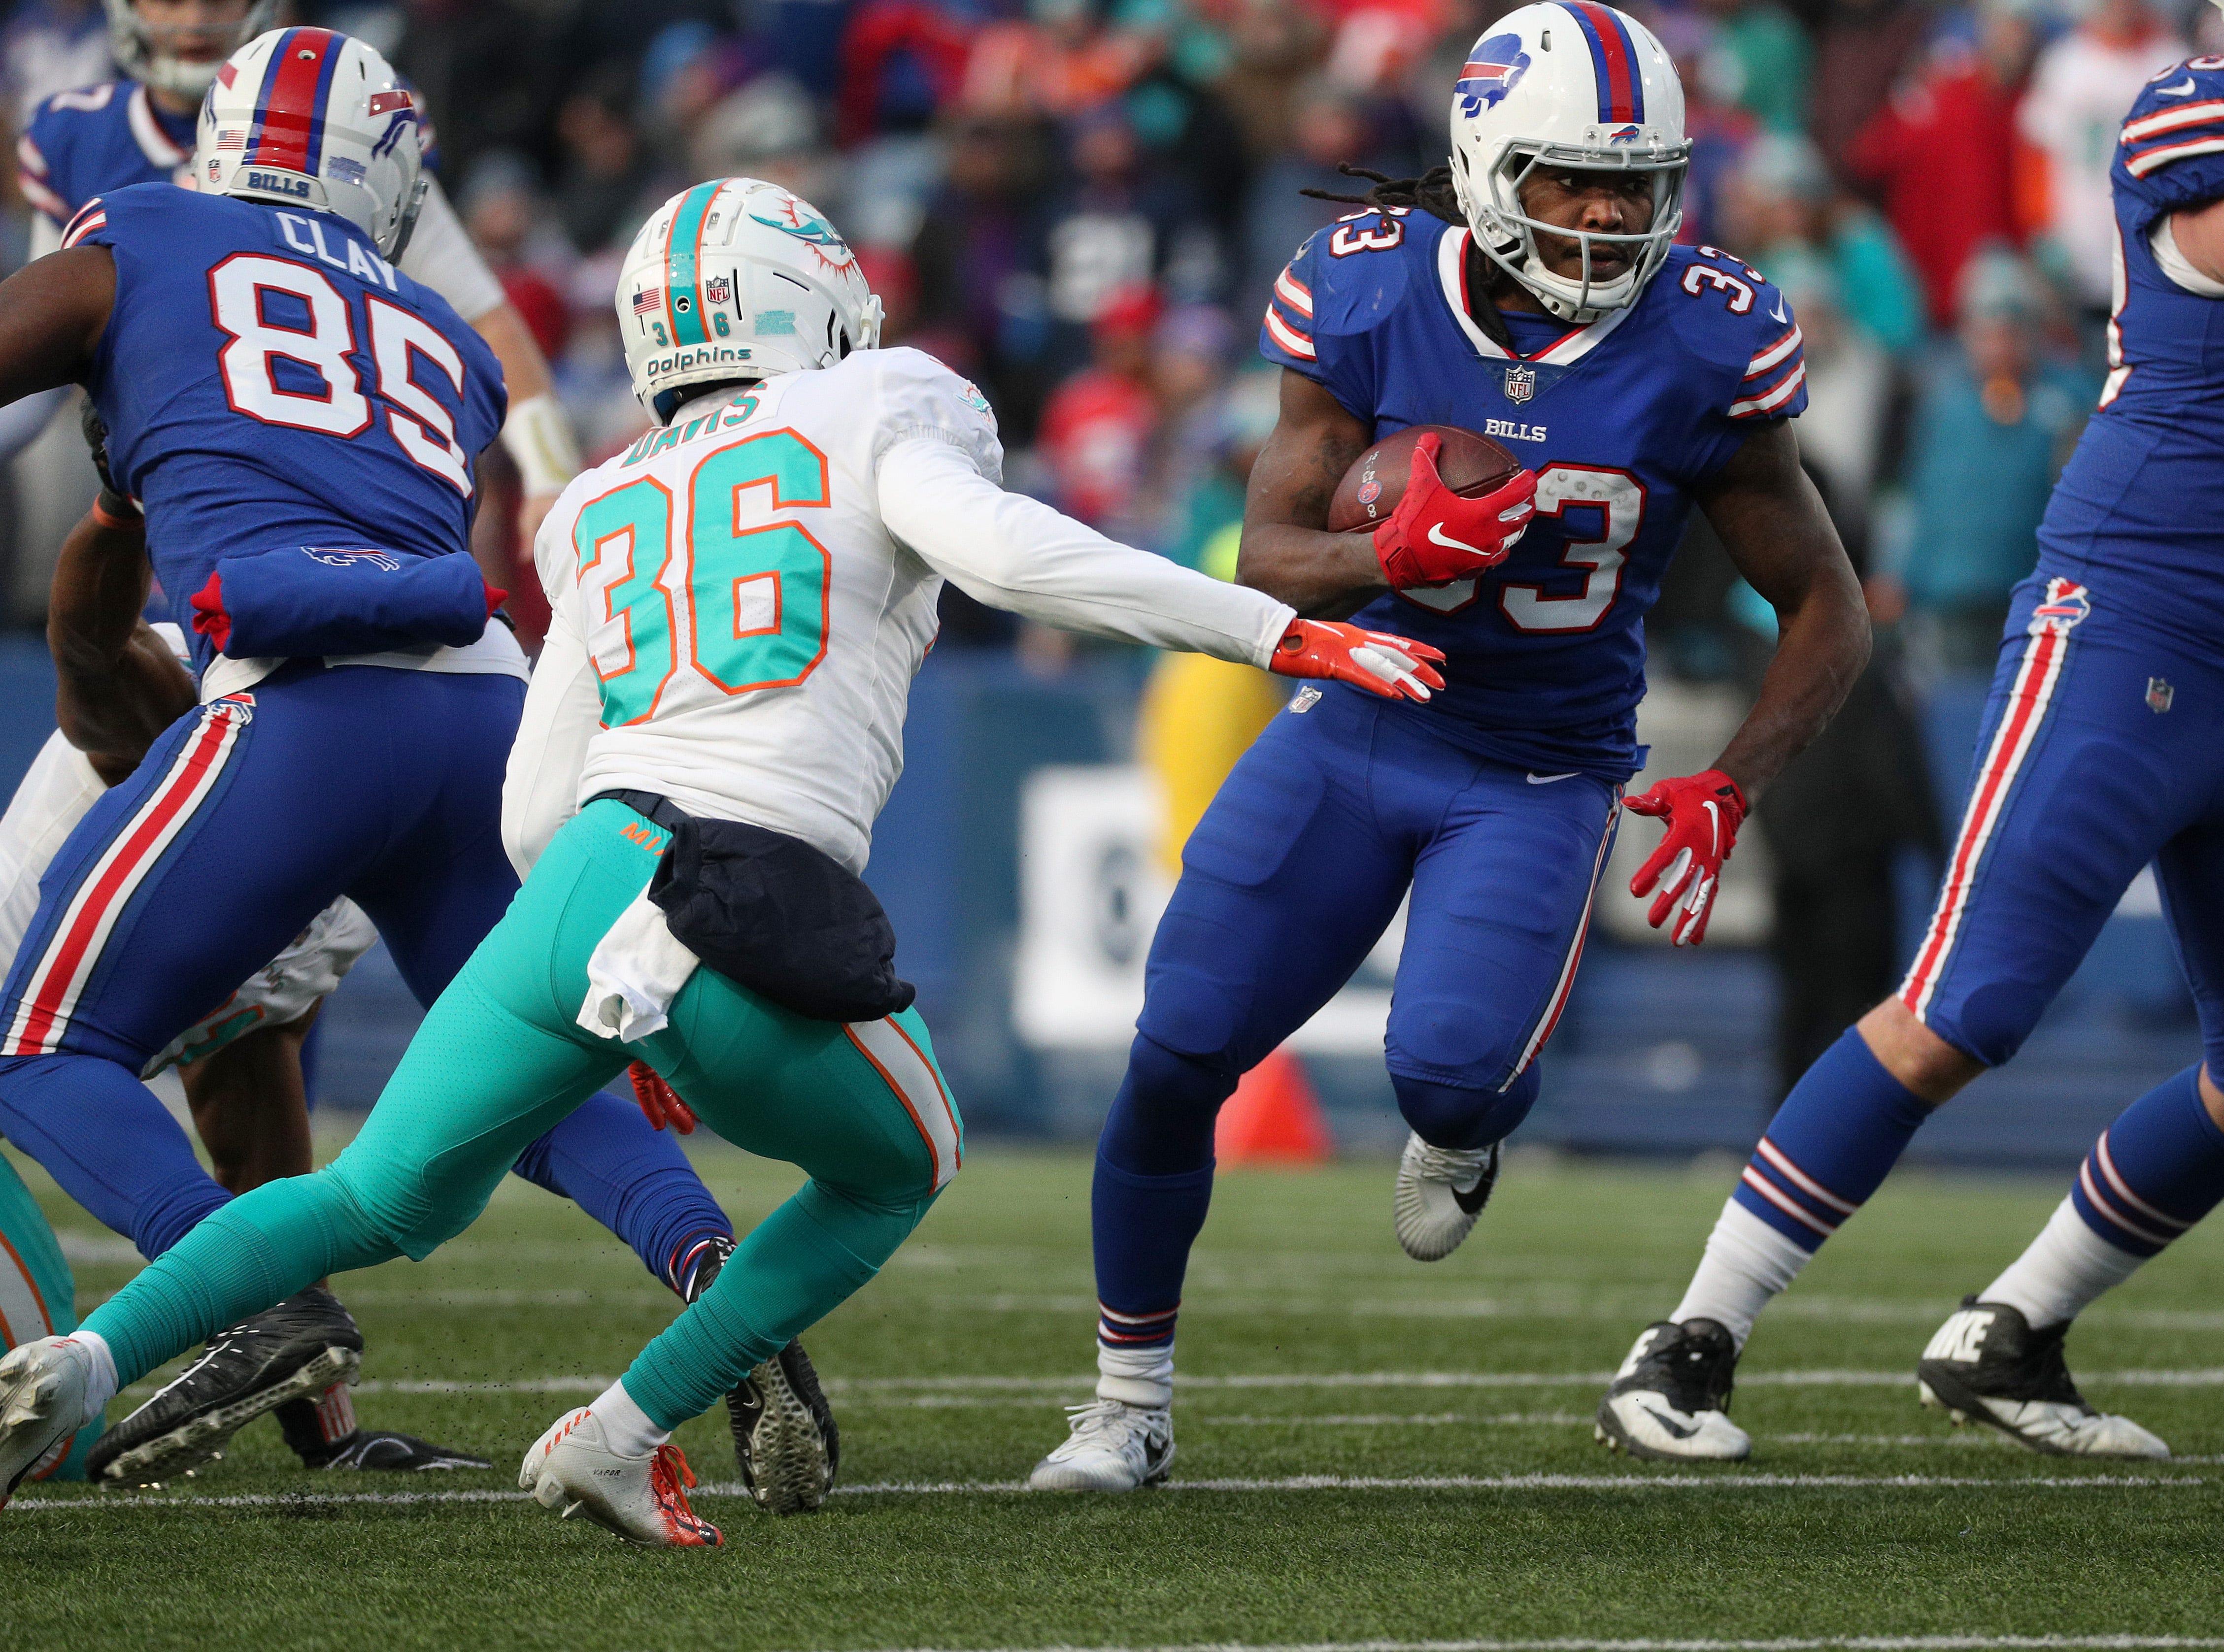 Bills running back Chris Ivory looks for running room.